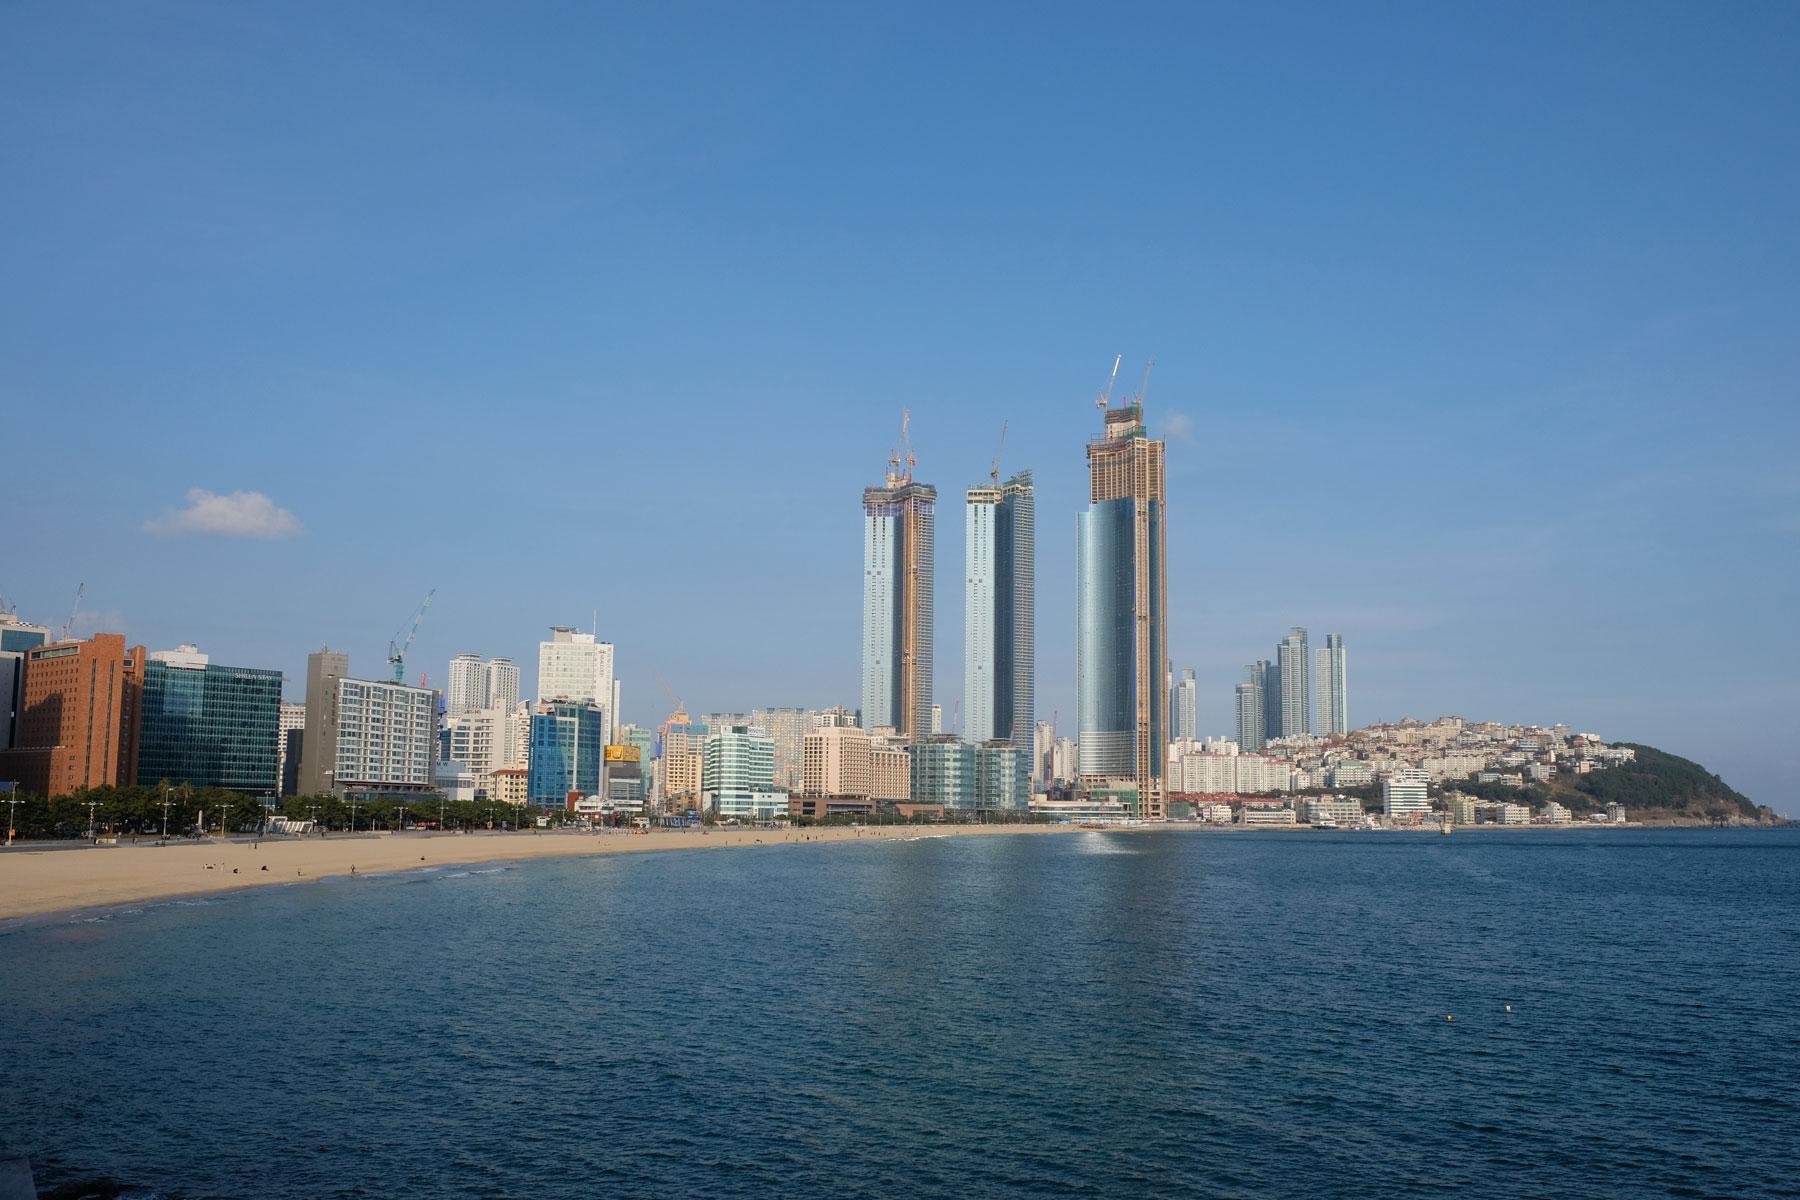 Am Haeundae-Strand in Busan erheben sich die Hochhäuser.